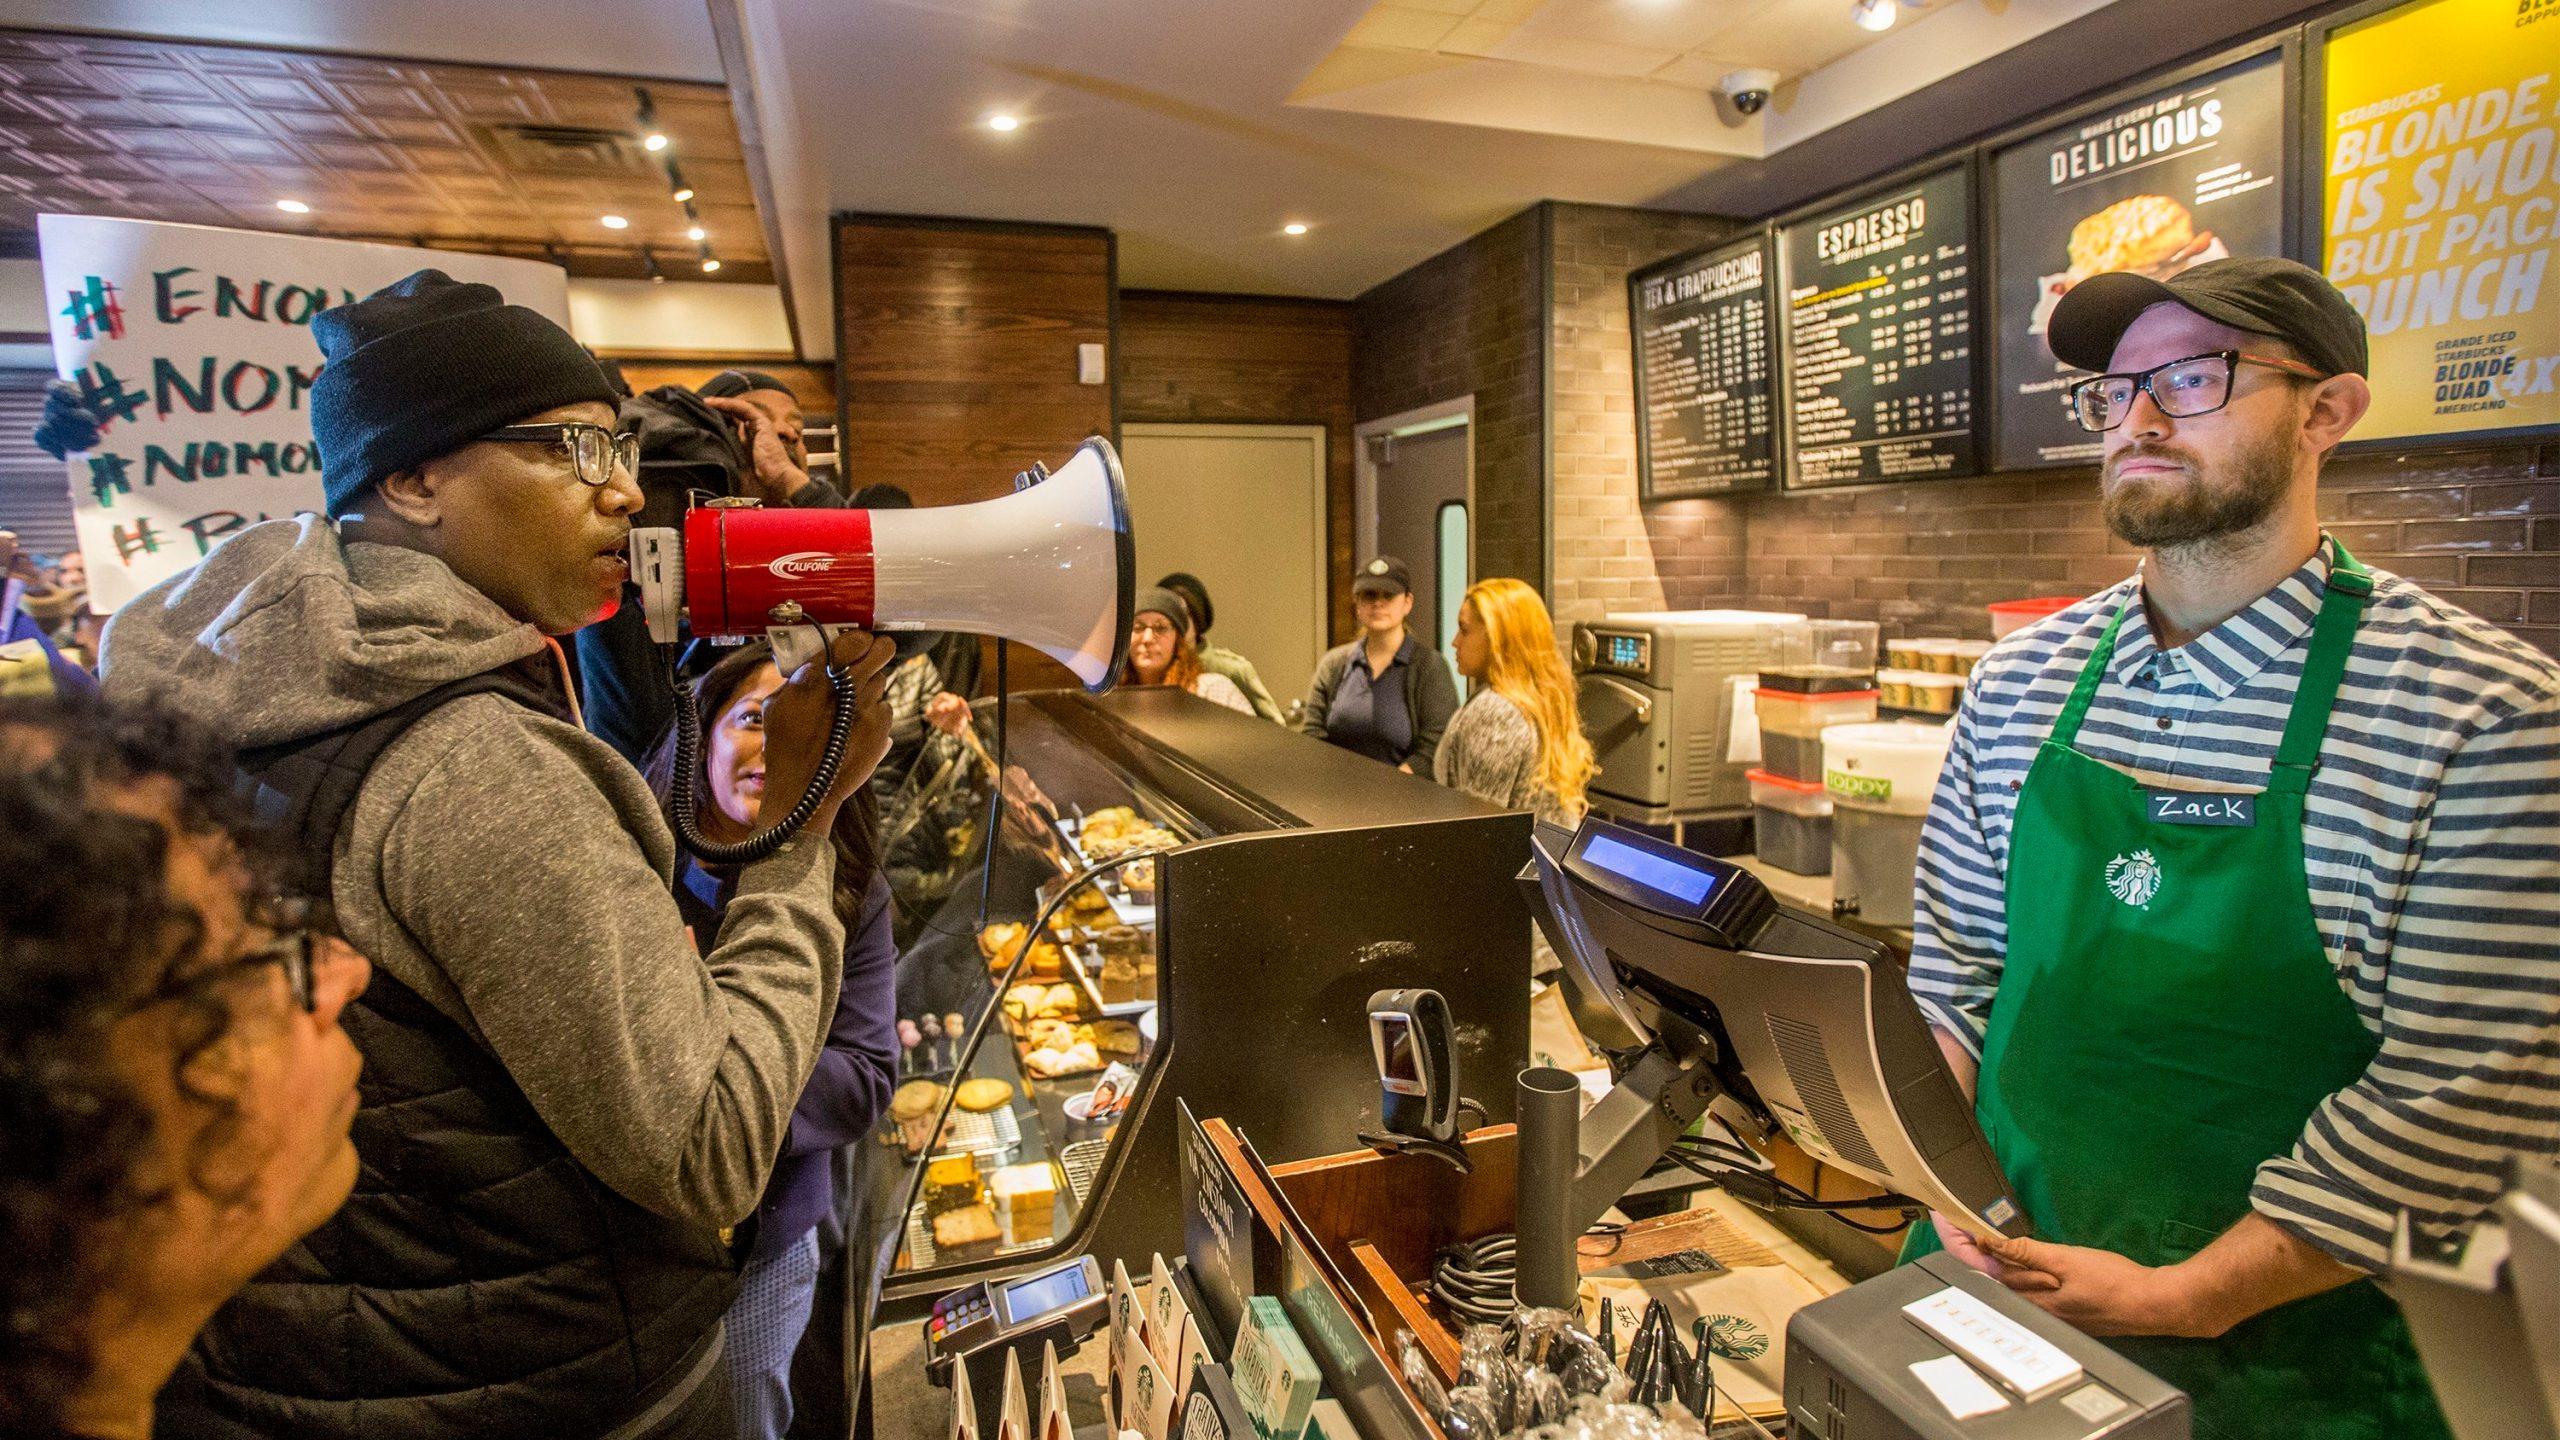 Starbucks_-_Black_Men_Arrested_93680-159532.jpg52009682